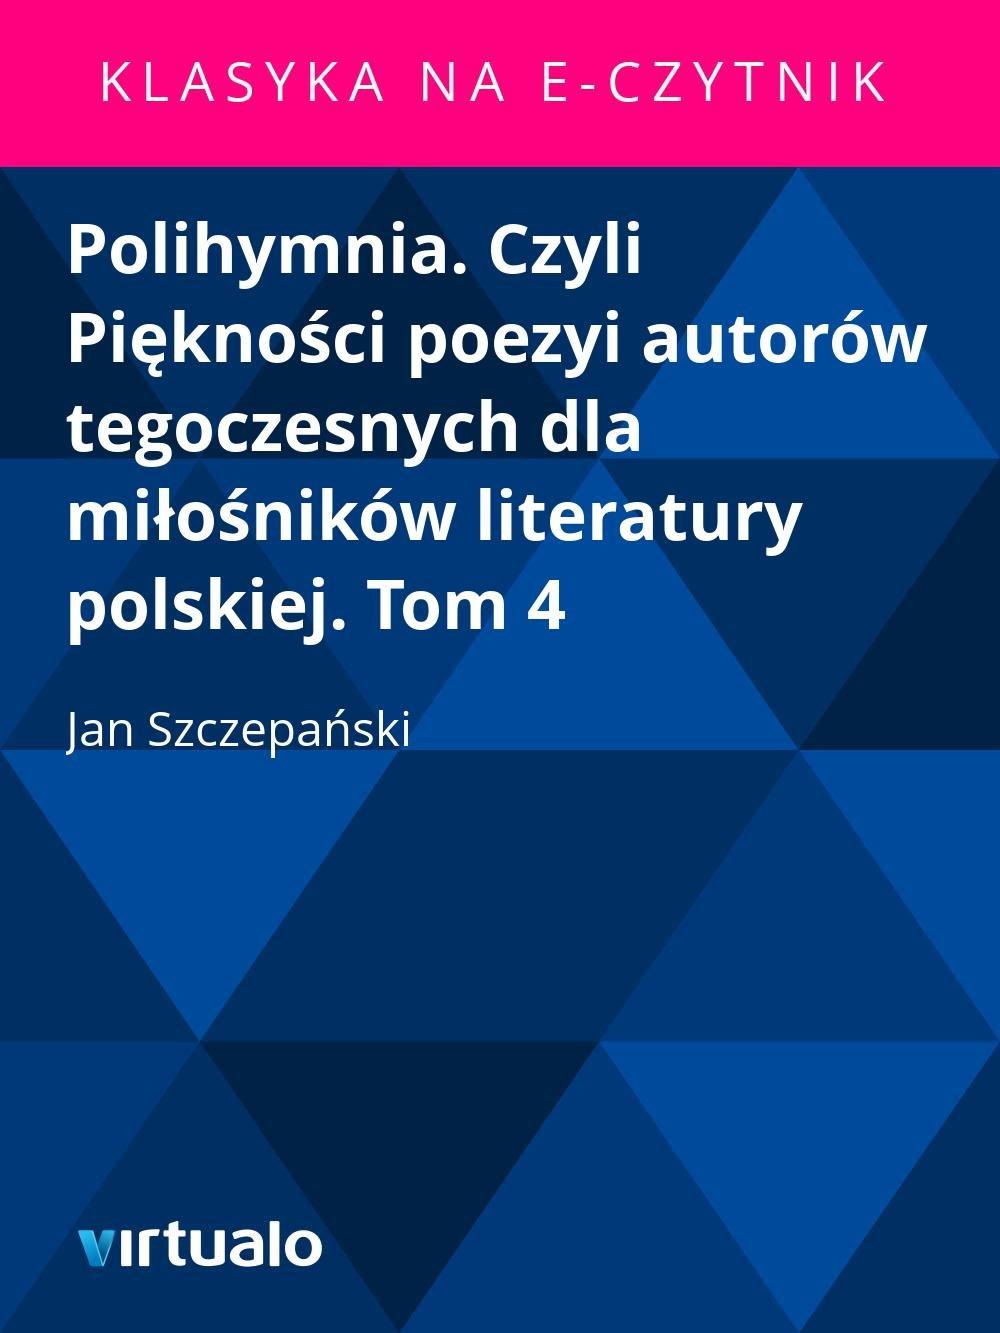 Polihymnia. Czyli Piękności poezyi autorów tegoczesnych dla miłośników literatury polskiej. Tom 4 - Ebook (Książka EPUB) do pobrania w formacie EPUB